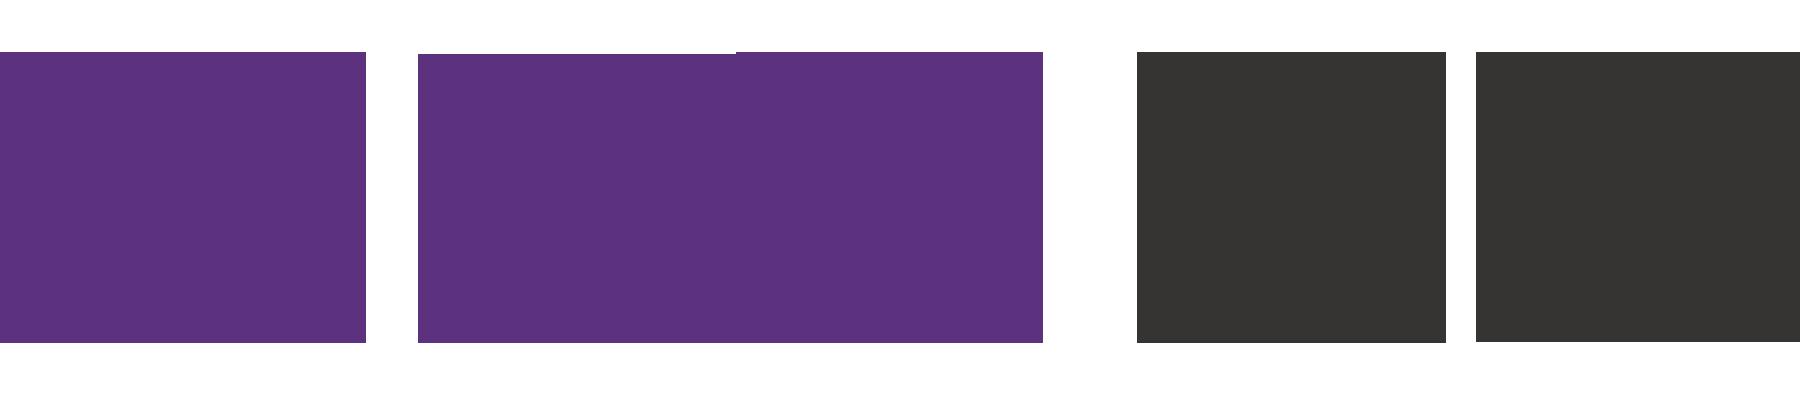 Dusk 'til Dawn 2020 Webinar